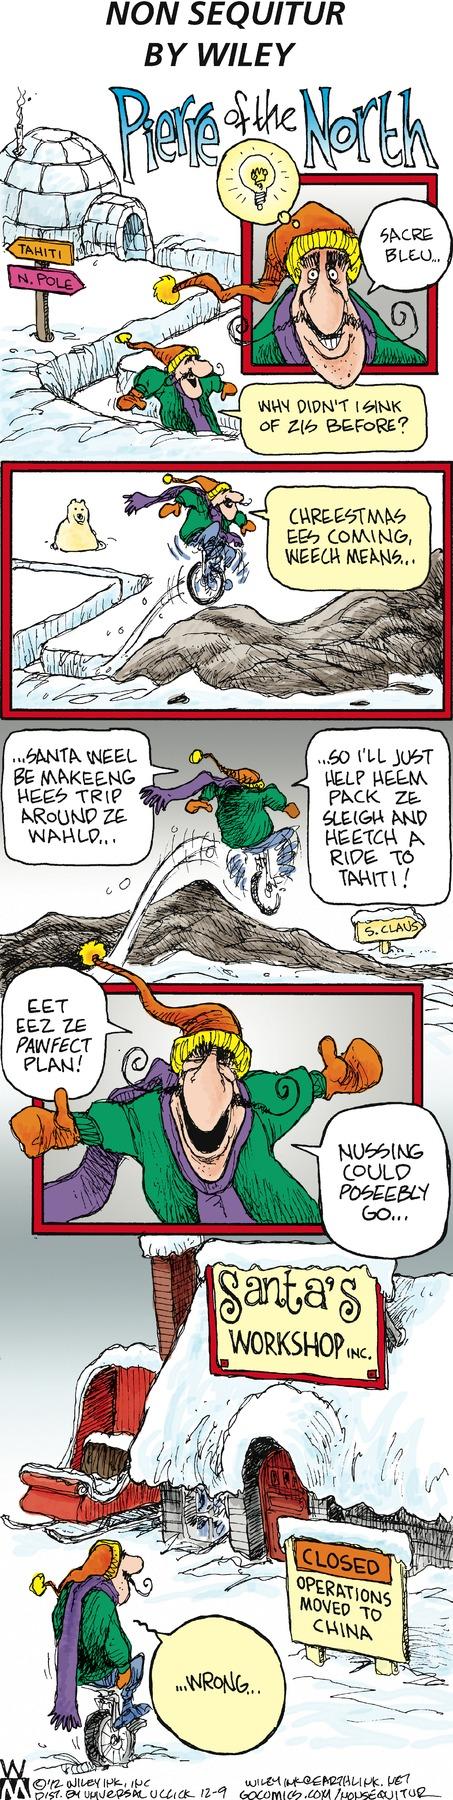 Non Sequitur for Dec 9, 2012 Comic Strip